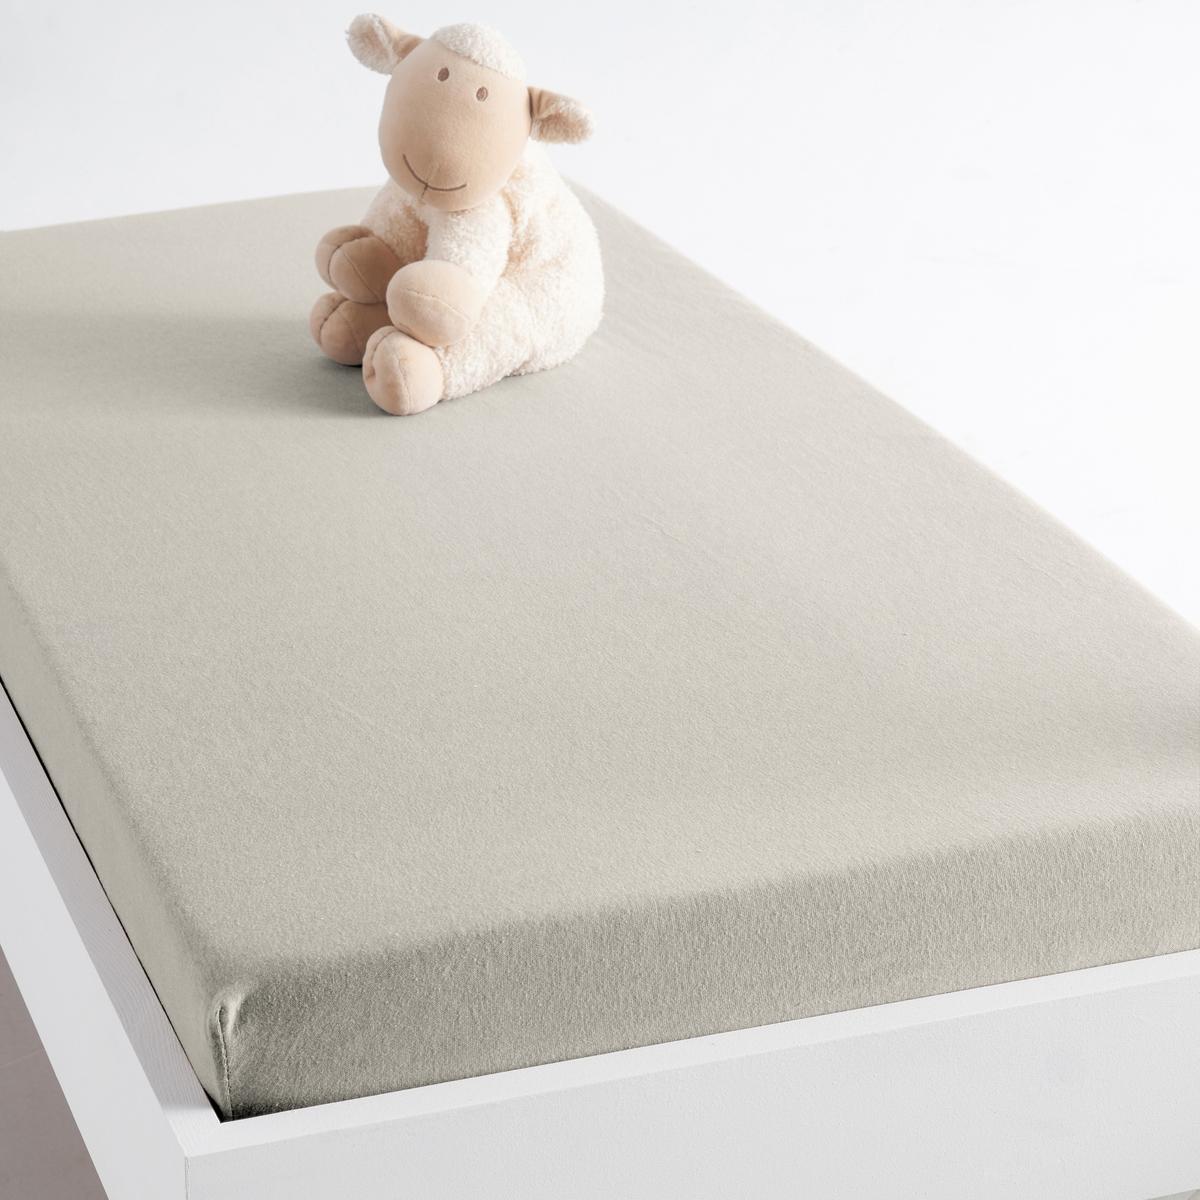 Простыня натяжная джерси 100% био-хлопок для грудных детейПростыня натяжная для детской кровати из джерси 100% био-хлопка, эластичная. Чем больше нитей/см?, тем выше качество ткани. Эта простыня натяжная для детской кровати сделана из биологического хлопка, нежного и приятного для кожи. Без пестицидов, химических веществ, для бережного отношения к земле, воде и сохранения здоровья людей, собирающих био-хлопок. Этот продукт выращивается в полной гармонии с природой . Выбирая био-хлопок, Вы участвуете в сохранении нашей планеты и нашего здоровья.Фирма Oeko-Tex® гарантирует, что товары проверены и сертифицированы, не содержат веществ, способных навредить здоровью.Размеры простыни натяжной для детской кровати:40 x 80 см : люлька                    60 x 120 см: кровать с перекладинами                 70 x 140 см : кровать с перекладинами                                                                                   Нажав SC?NARIO JERSEY BIO, Вы найдёте весь комплект постельного белья<br><br>Цвет: серый жемчужный